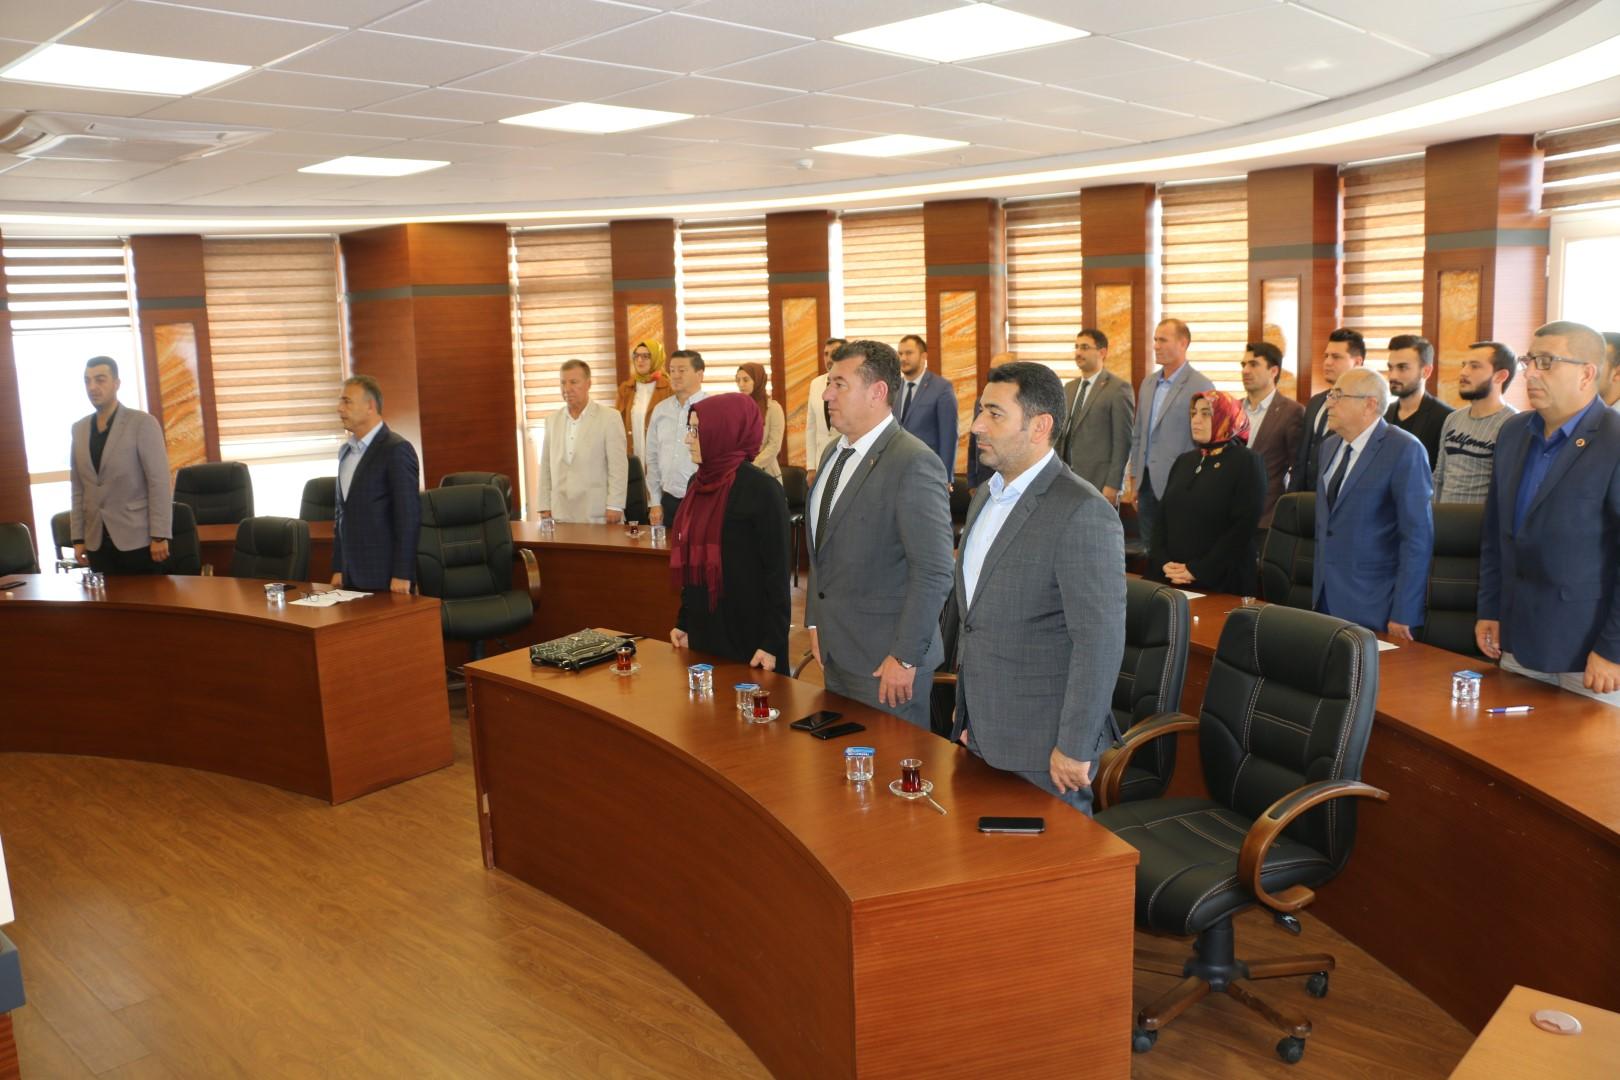 Marmaraereğlisi Belediye Meclisi Tek Yürek